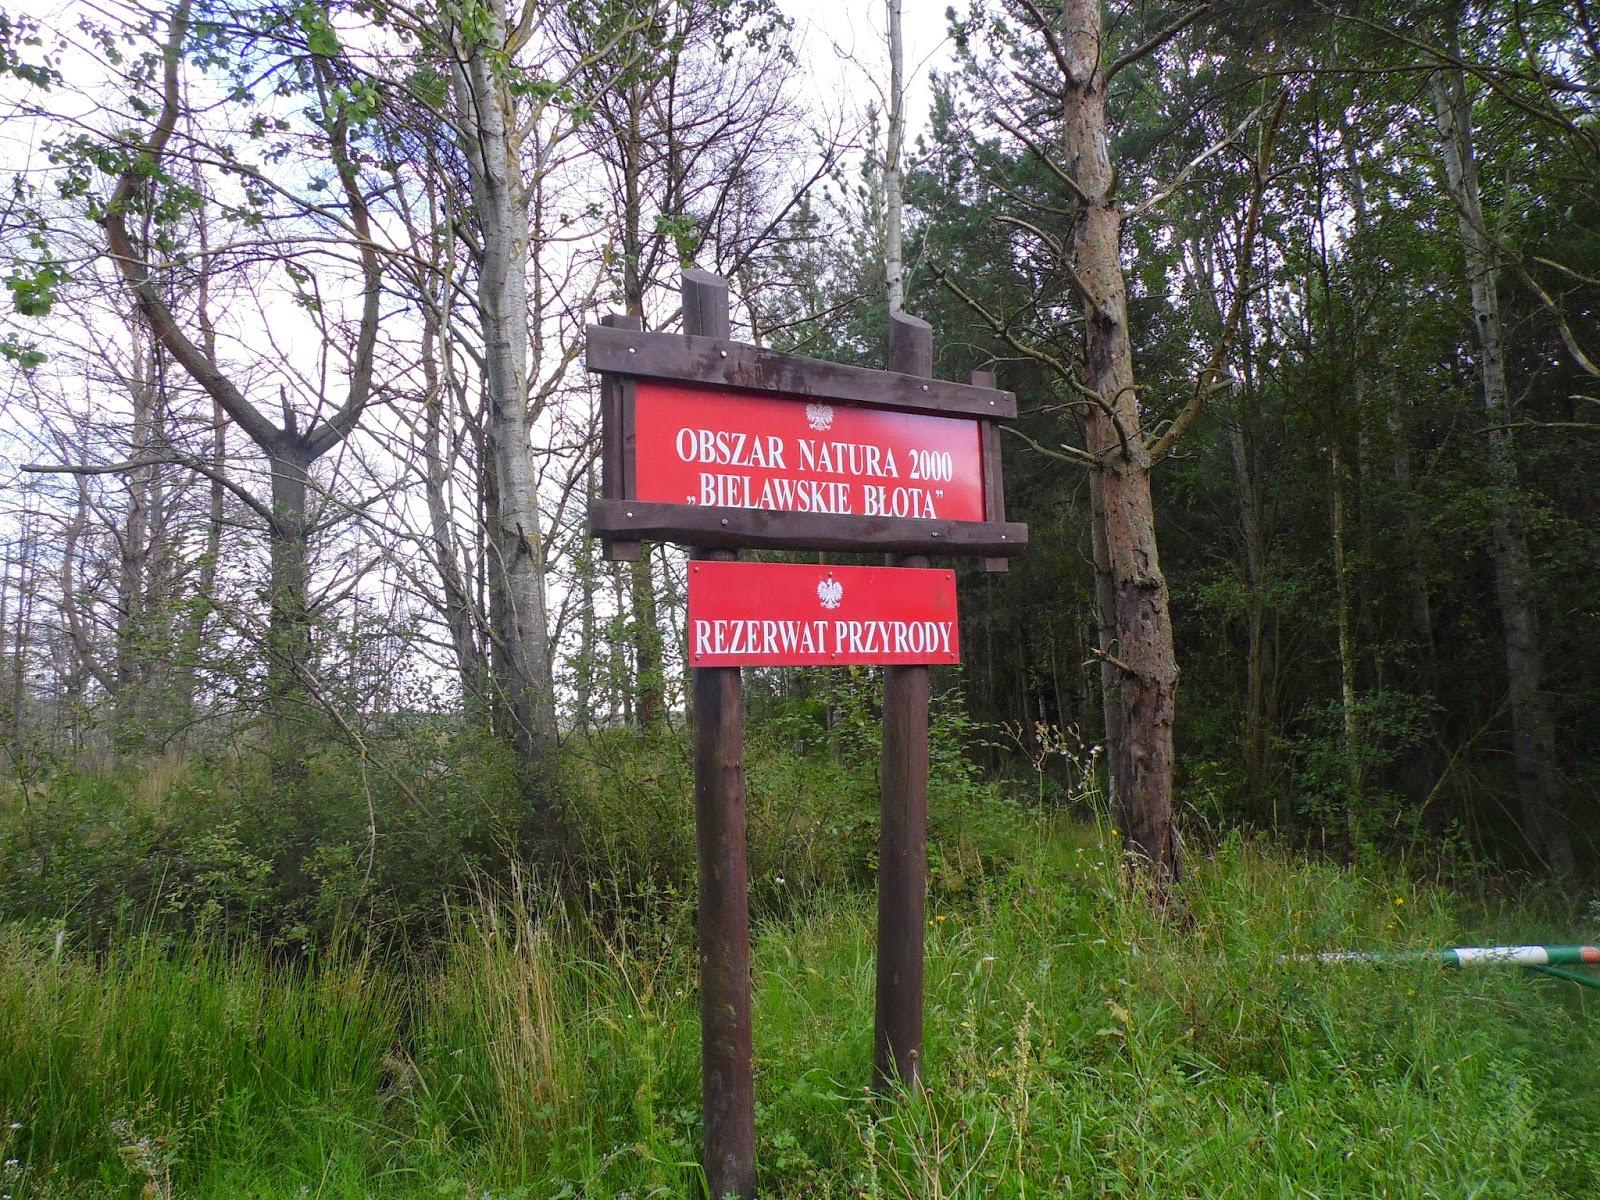 Tablica Informacyjna rezerwatu przyrody Bielawskie Błota - obszar Natura 2000